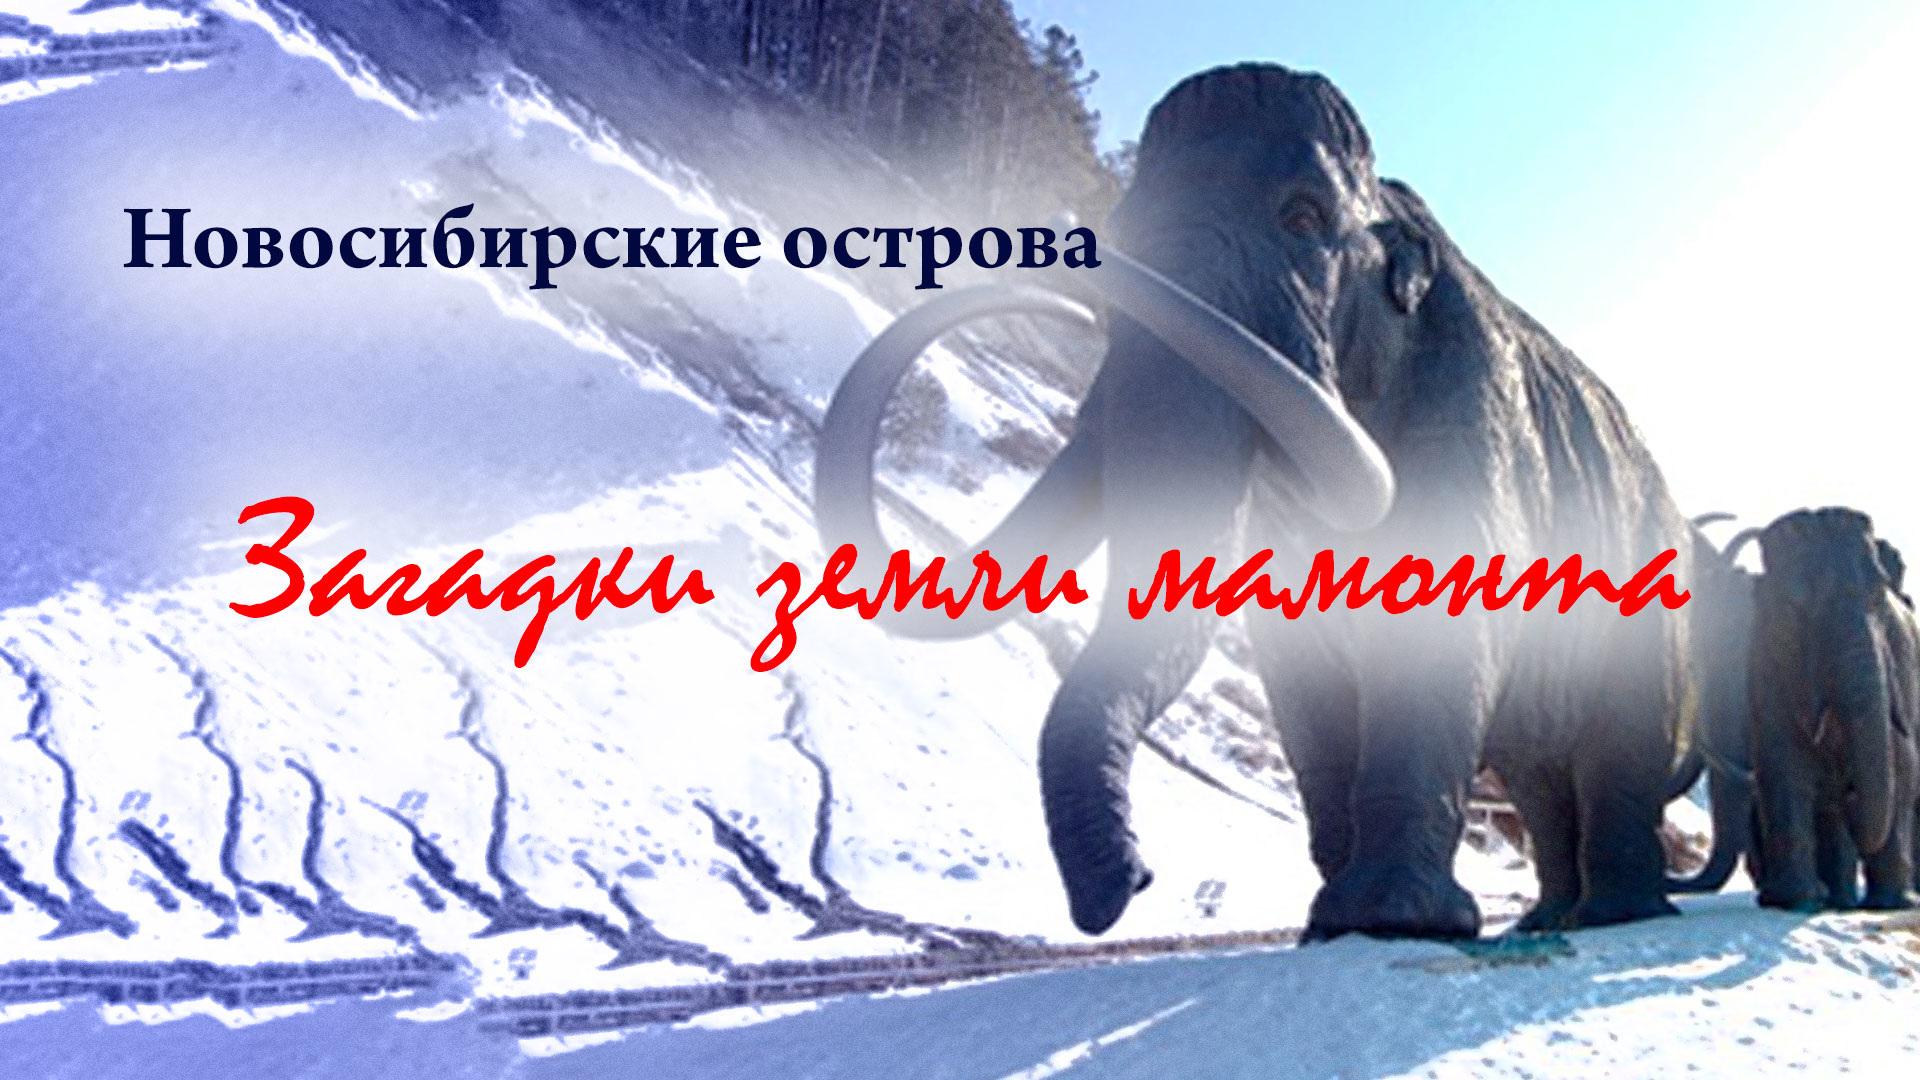 Новосибирские острова. Загадки земли мамонта